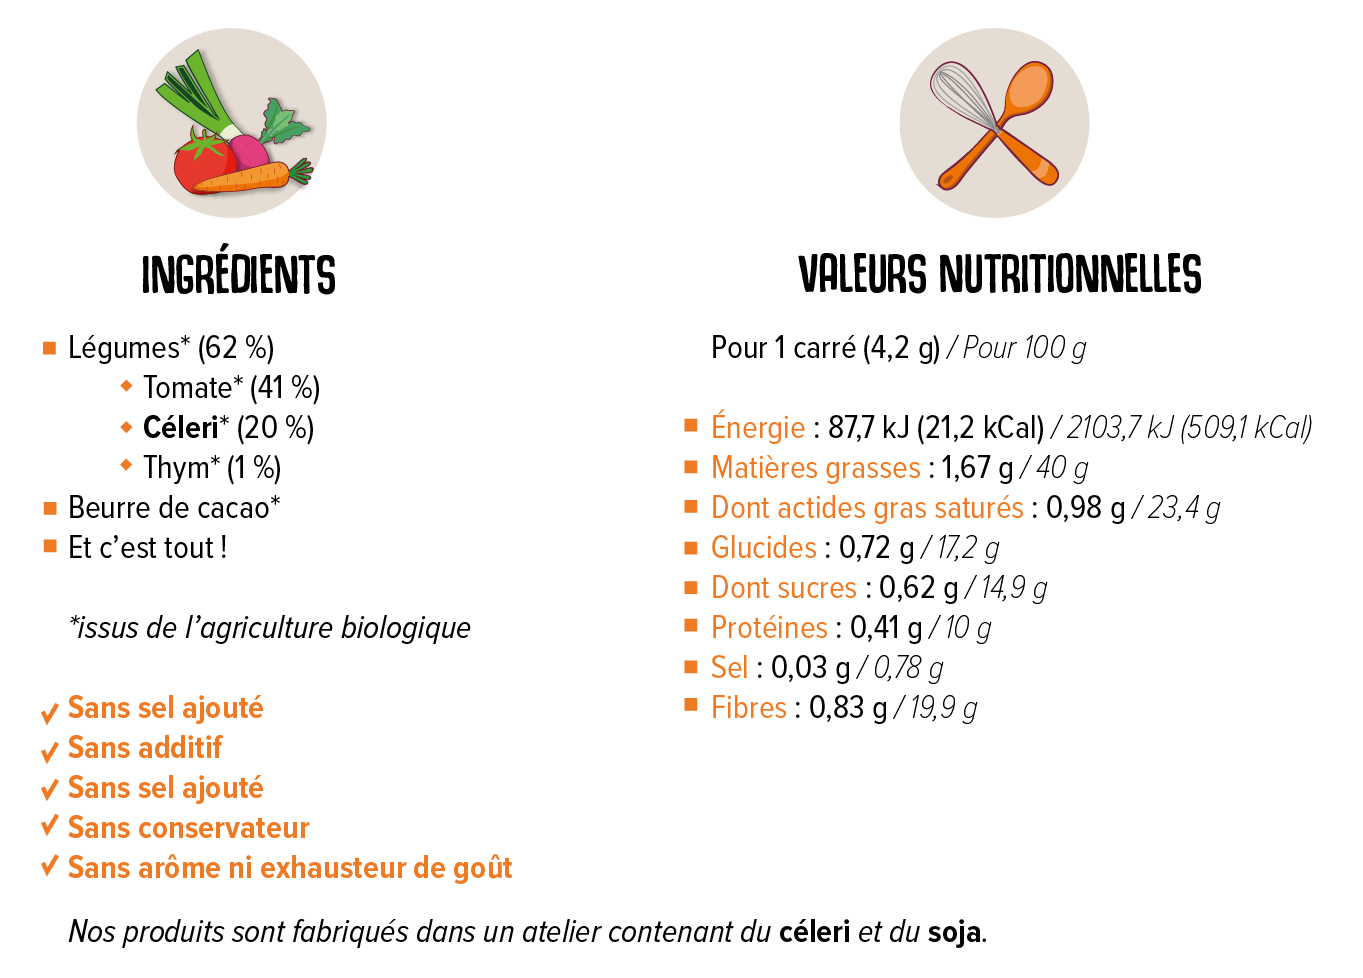 valeurs-nutritionnelles-tablette-tomate-thym-celeri